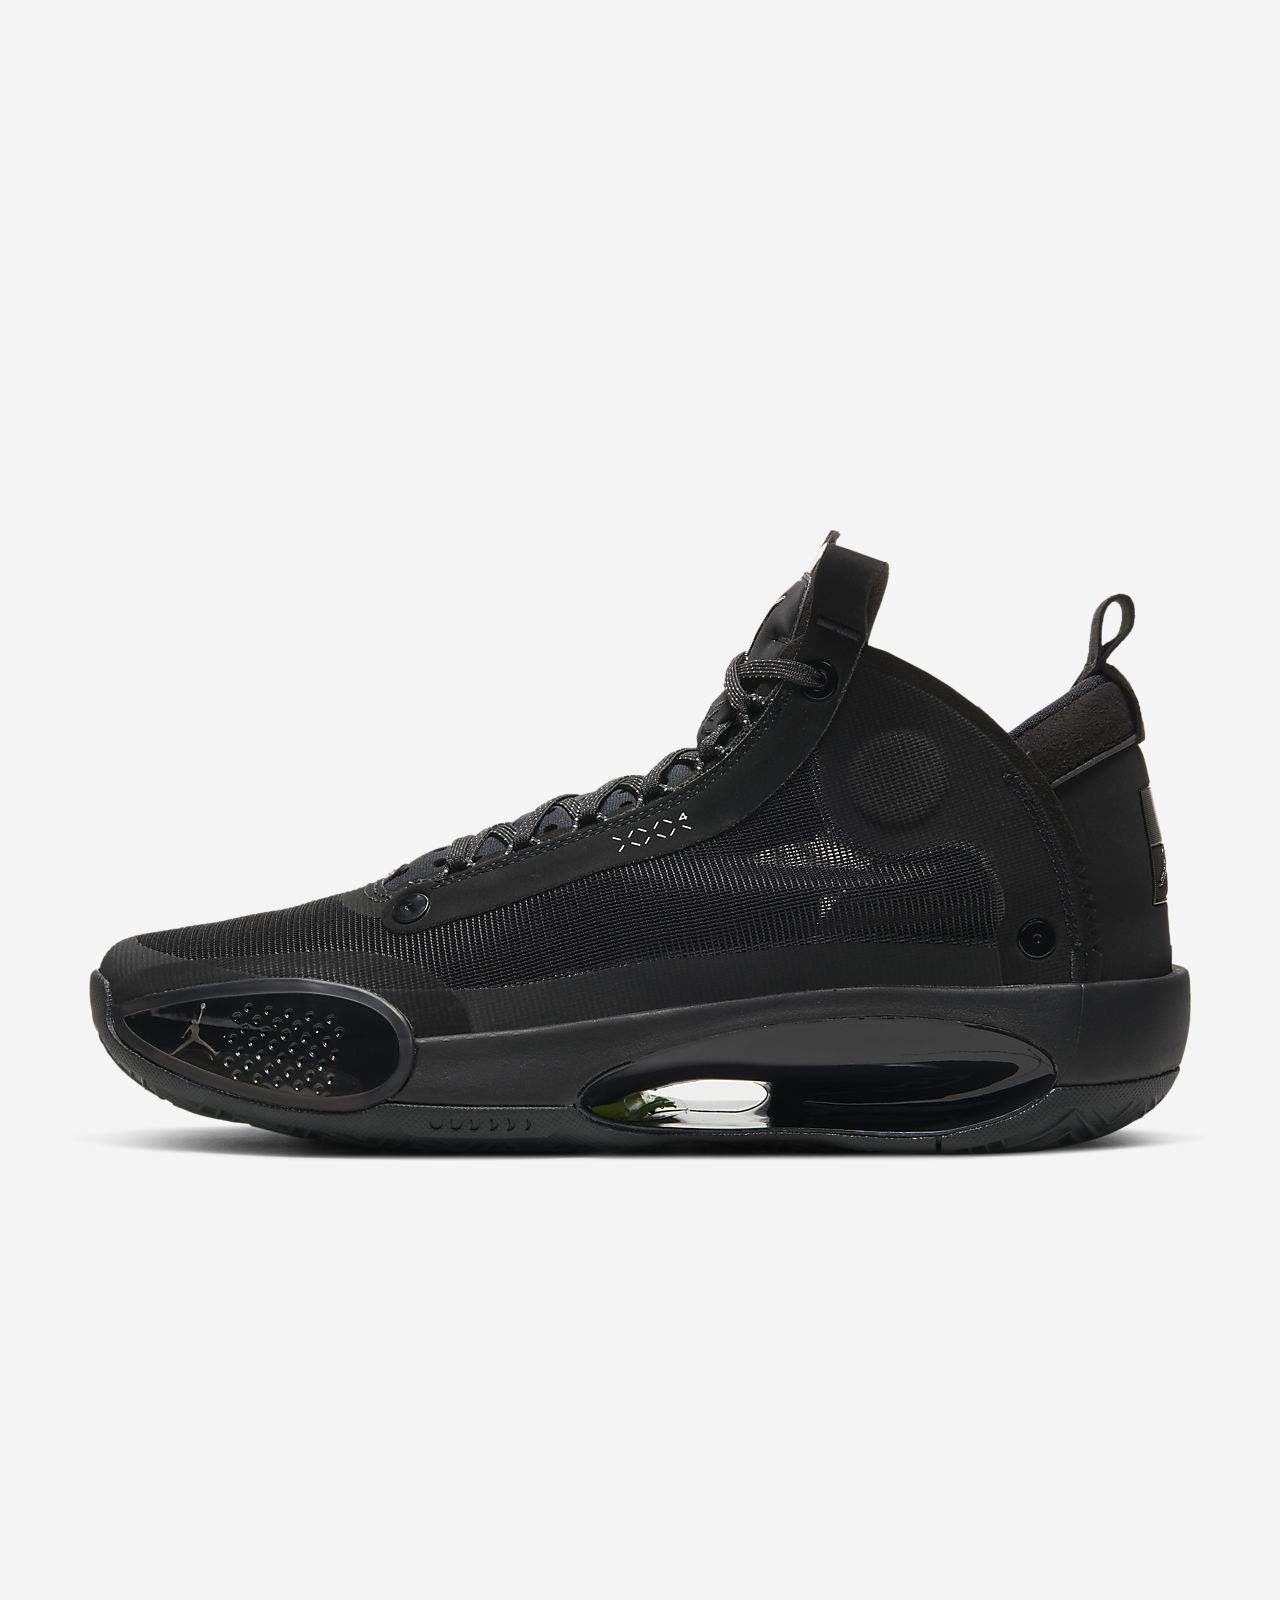 Air Jordan XXXIV PF 男子篮球鞋